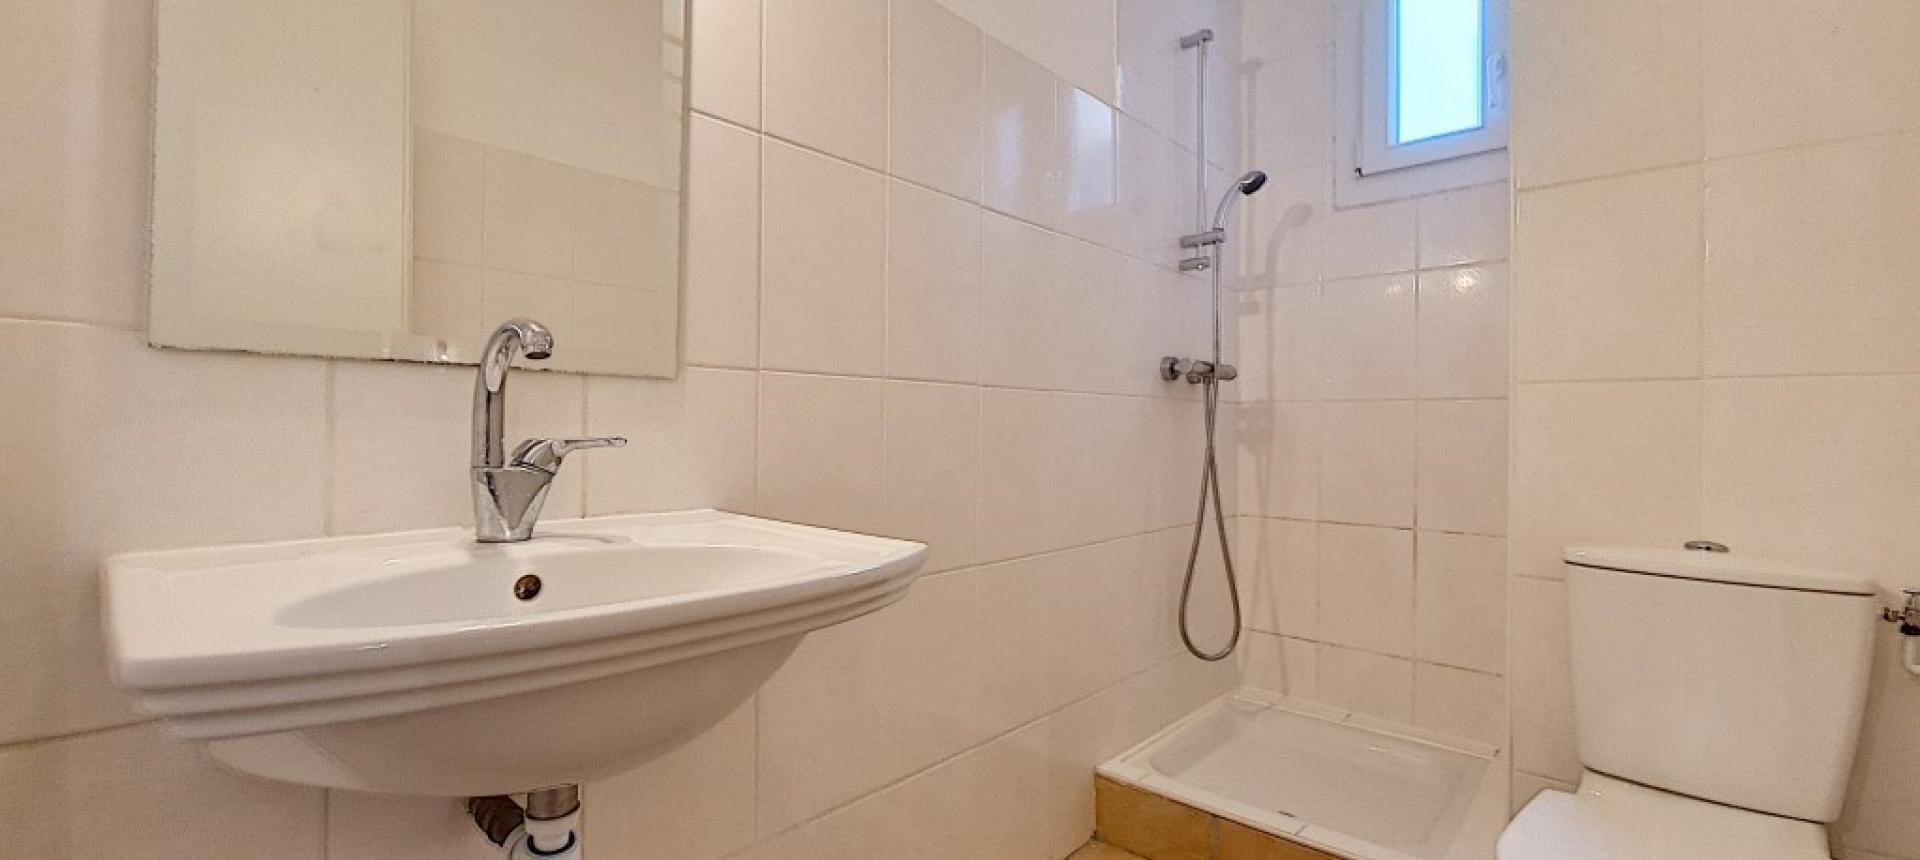 F3 à louer cours Jean Nicoli salle de bains